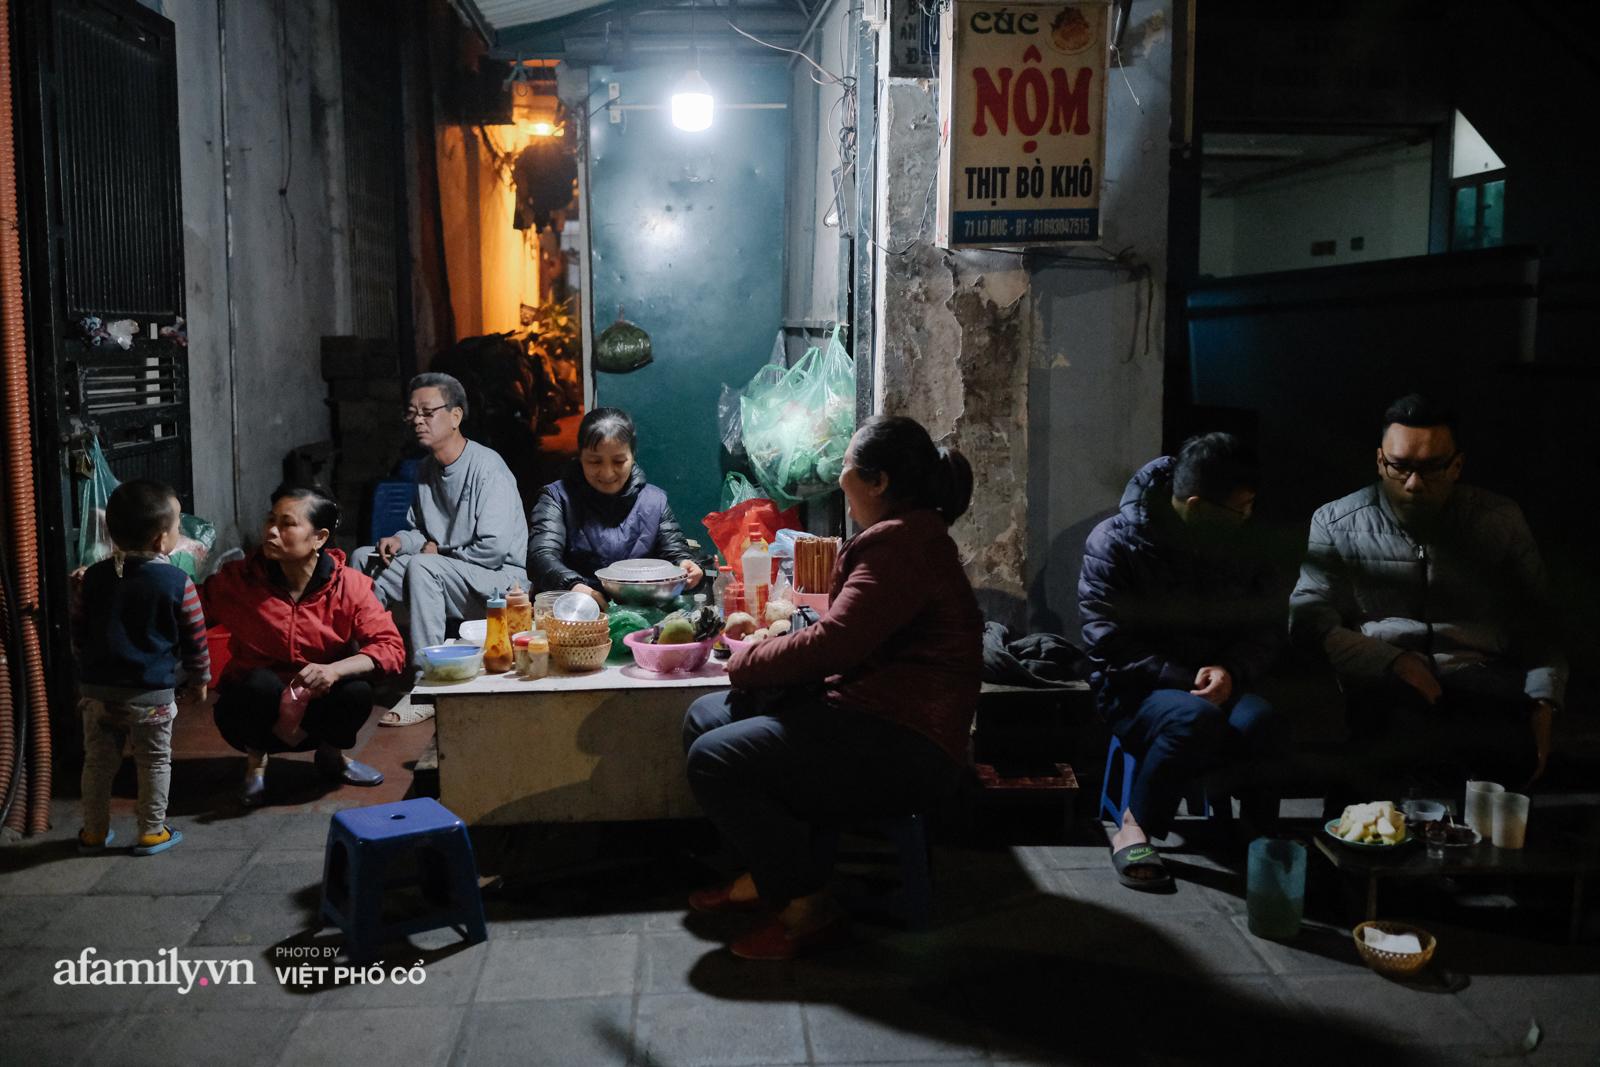 """Quán cóc được mệnh danh """"nộm bò khô ngon nhất Hà Nội"""" của nàng dâu xứ Huế, bán hàng vào giờ rất oái oăm nhưng khách vẫn phải tung chăn, đội gió đến ăn - Ảnh 1."""